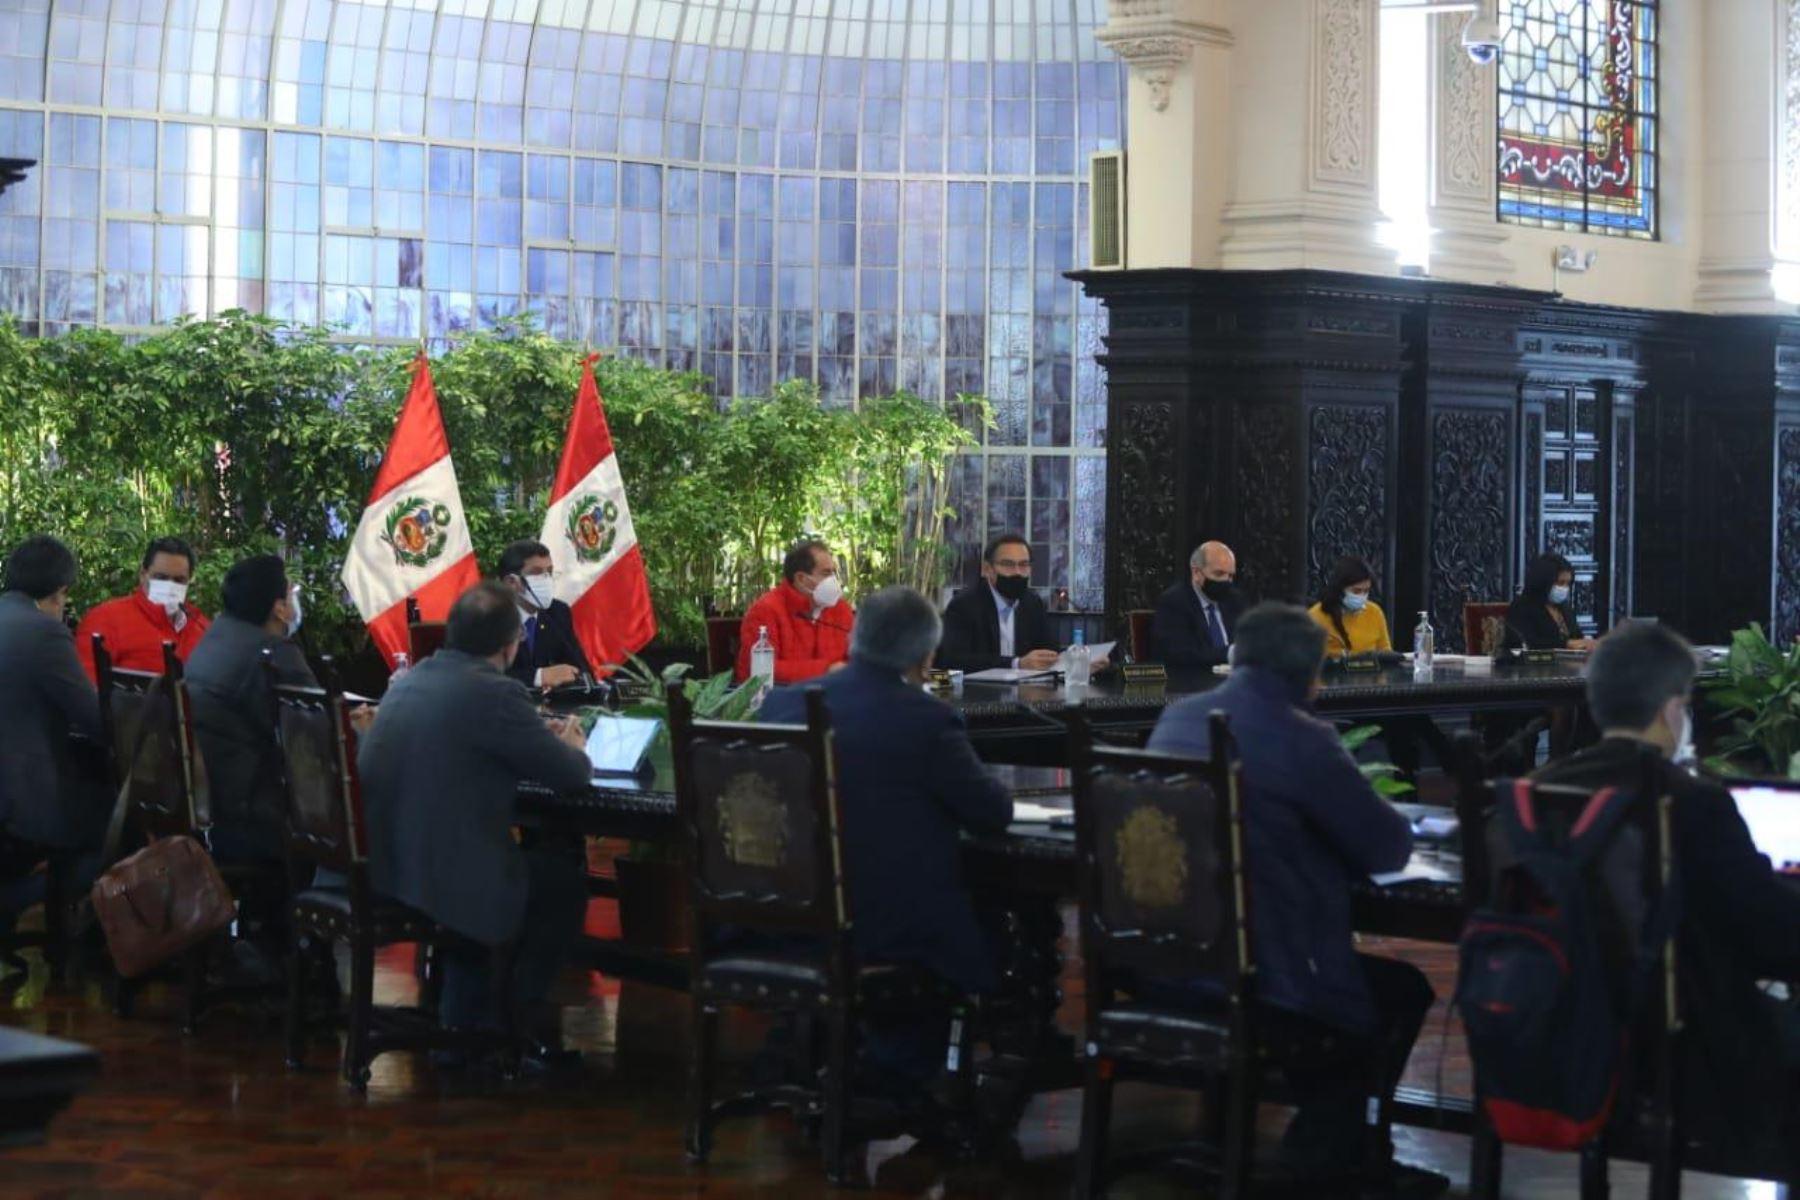 El presidente Martin Vizcarra, junto al titular de la PCM, Walter Martos, lidera la sesión de Consejo de Ministros en Palacio de Gobierno, donde se articulan las acciones inmediatas contra la pandemia y los temas prioritario del Estado. Foto: @pcmperu